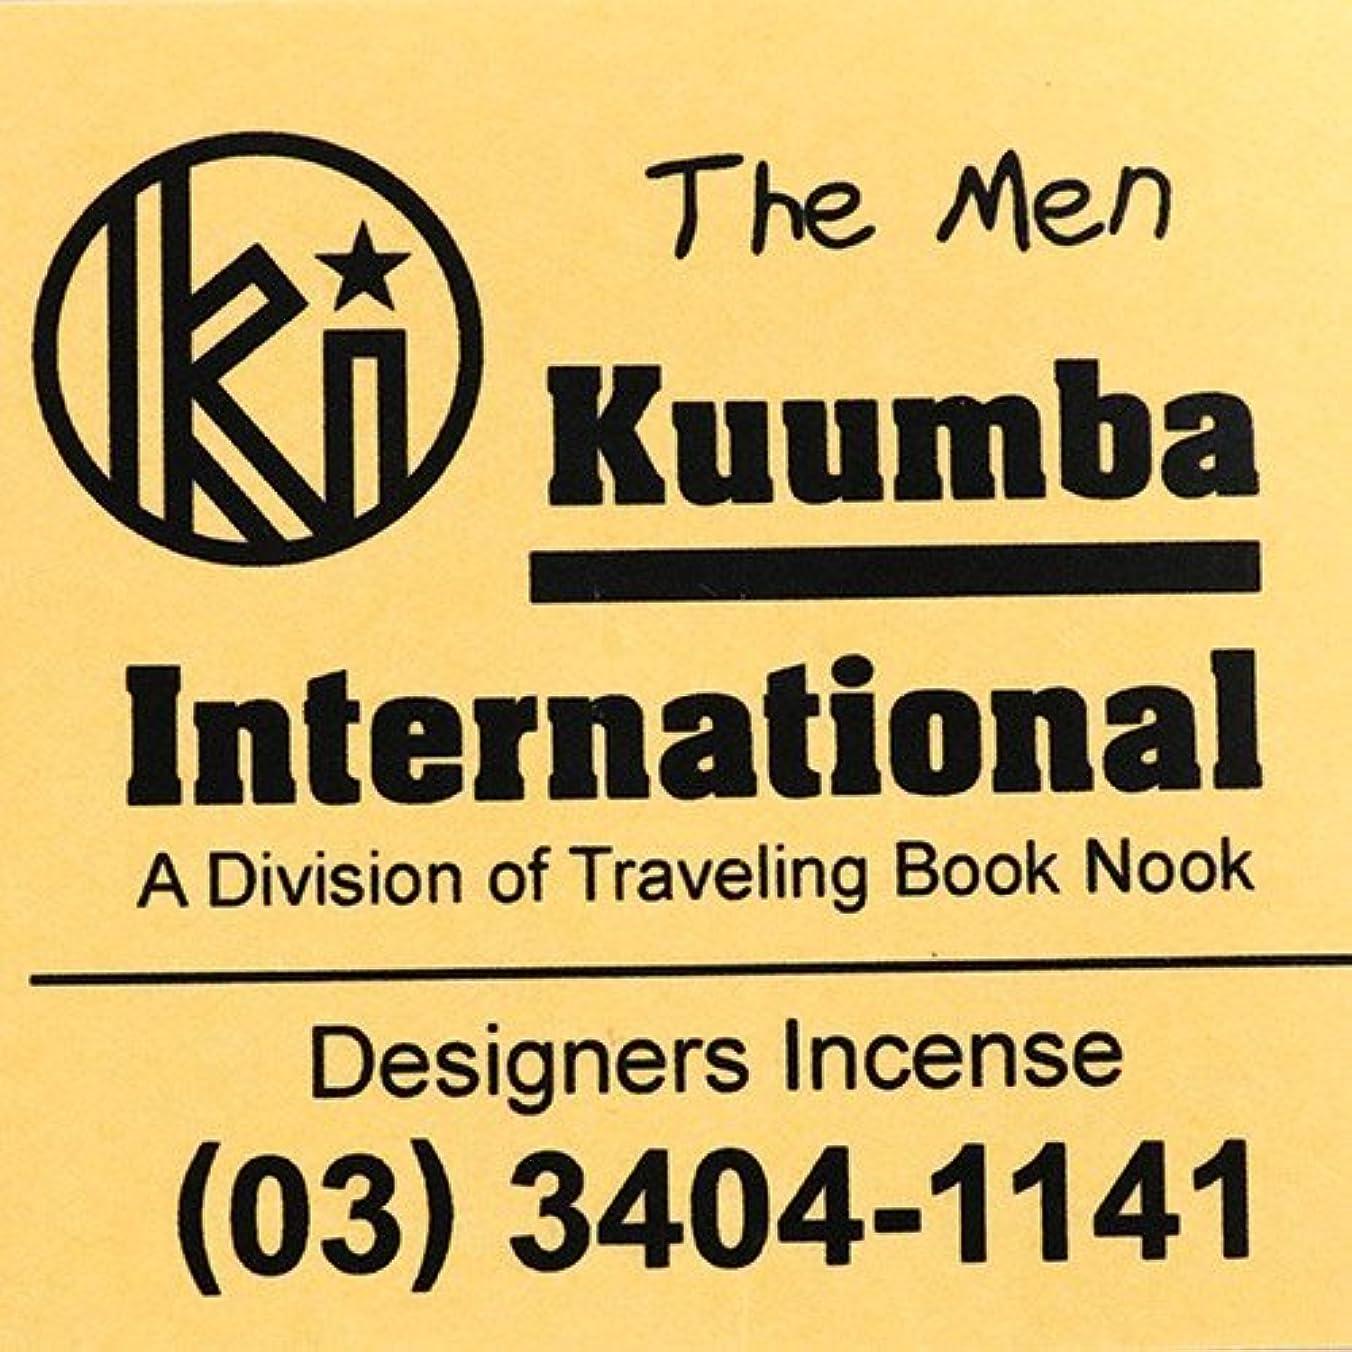 発送値下げ控える(クンバ) KUUMBA『incense』(The Men) (Regular size)